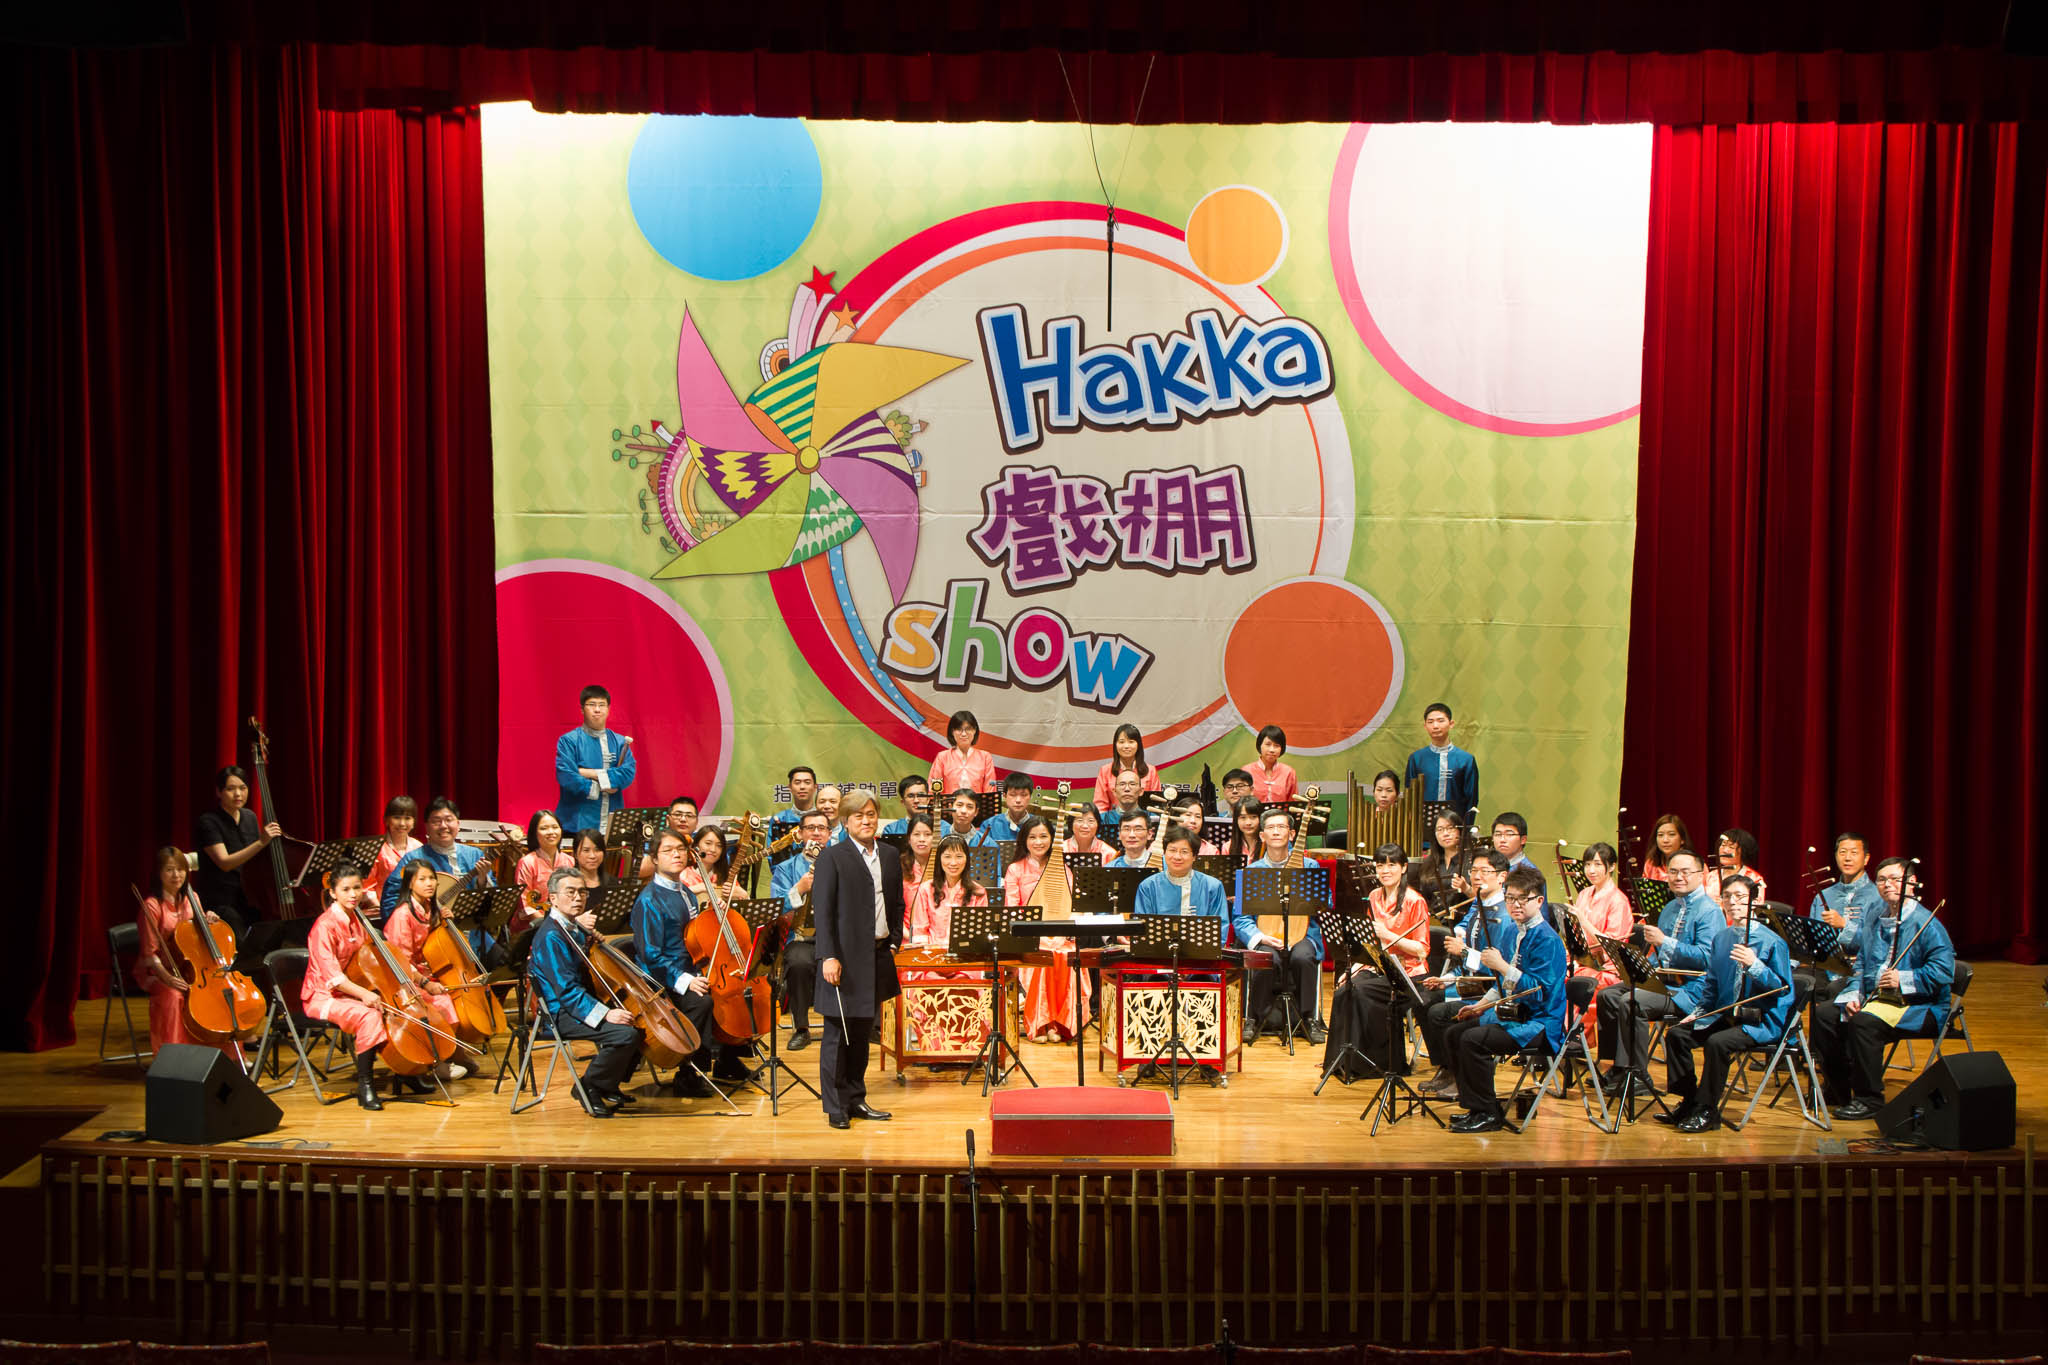 【客家文化園區】 106年Hakka戲棚Show